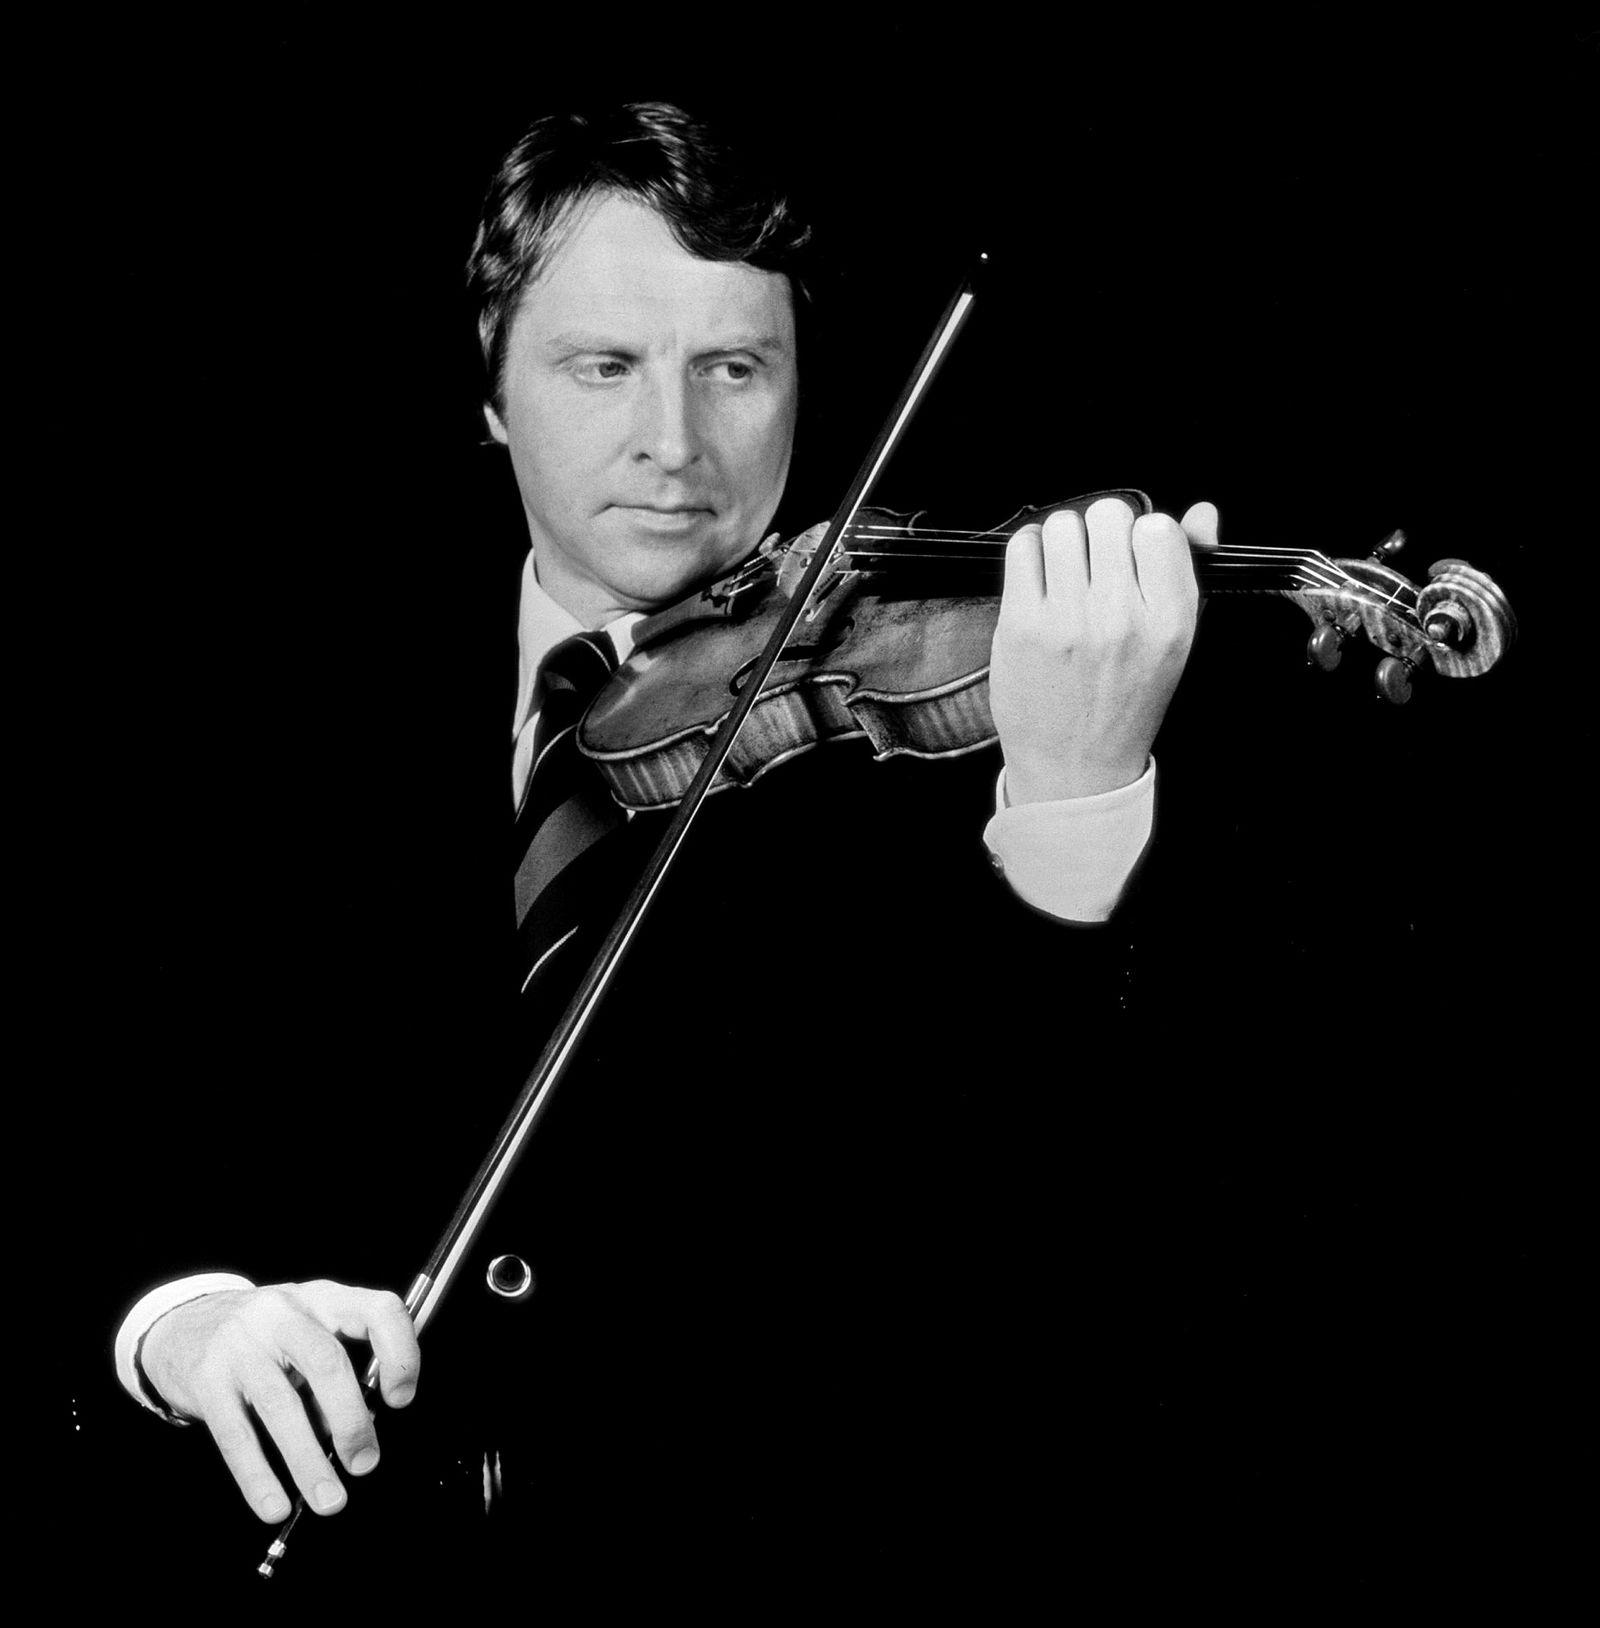 Arve Tellefsen med Guarneri-fiolinen, avbildet i 1977.